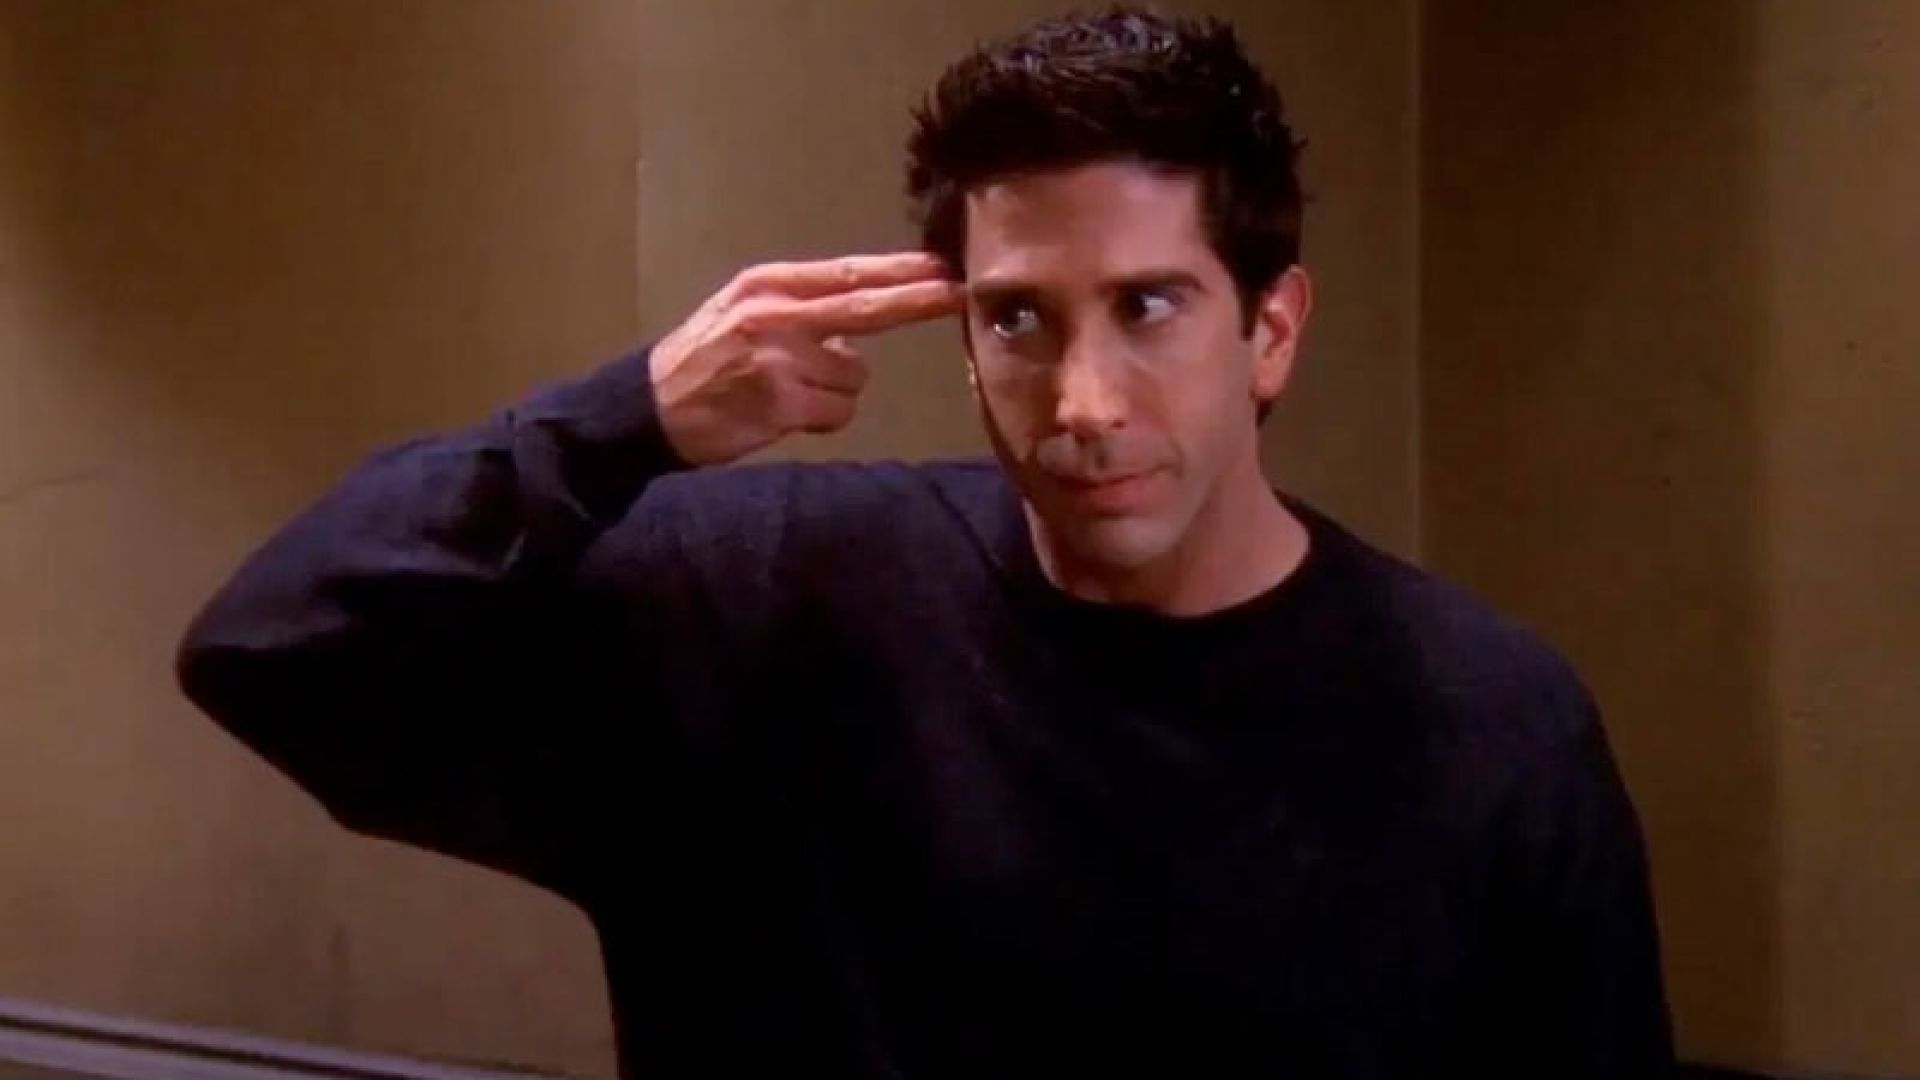 """15 момента от """"Приятели"""", които доказват, че Рос е странна птица"""